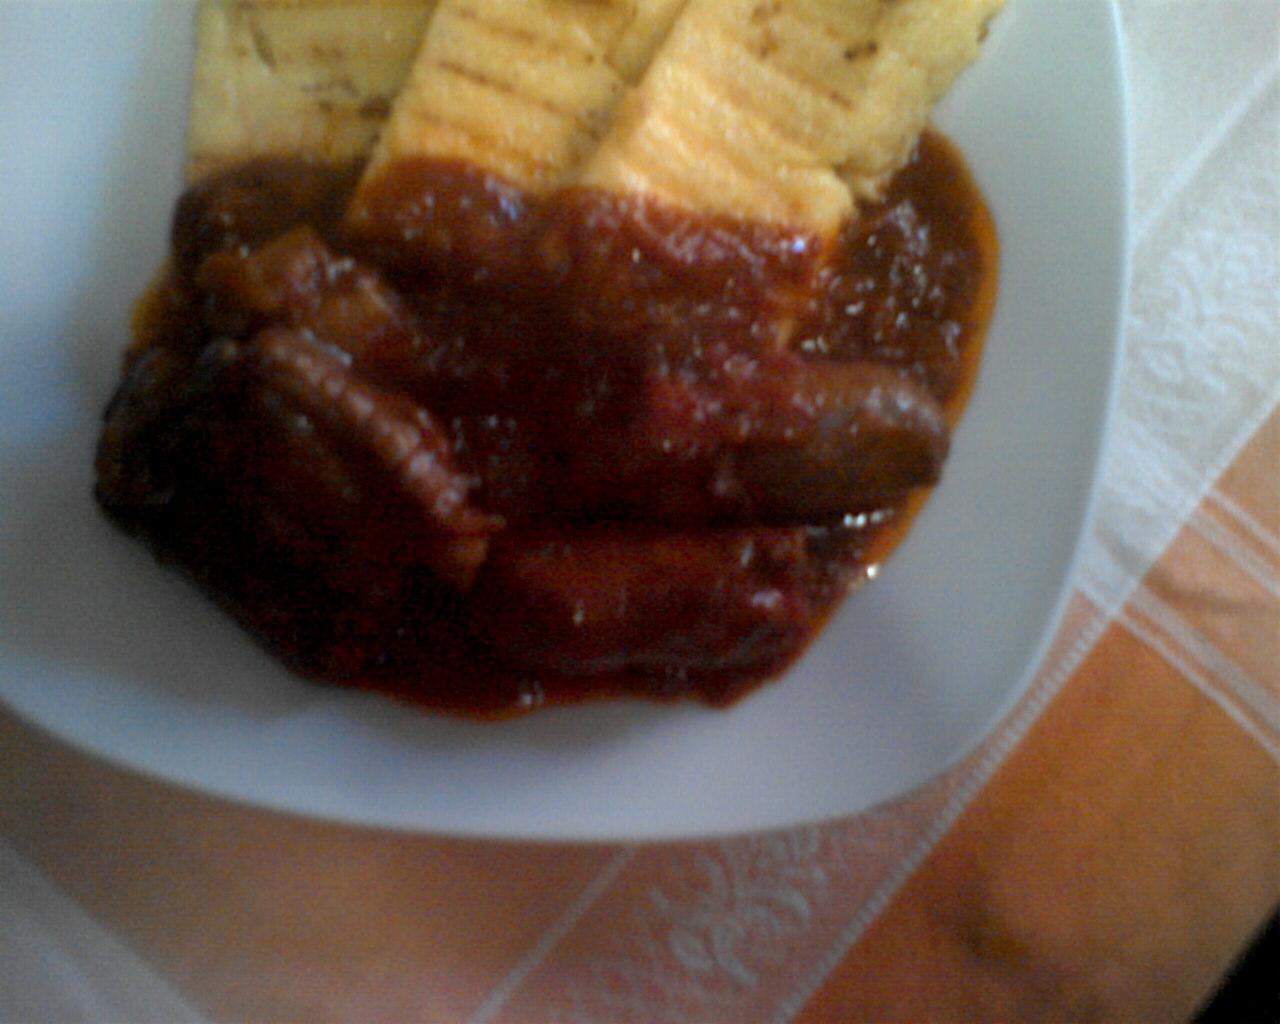 Ricerca ricette con come cucinare salsiccia di maiale - Come cucinare salsiccia ...